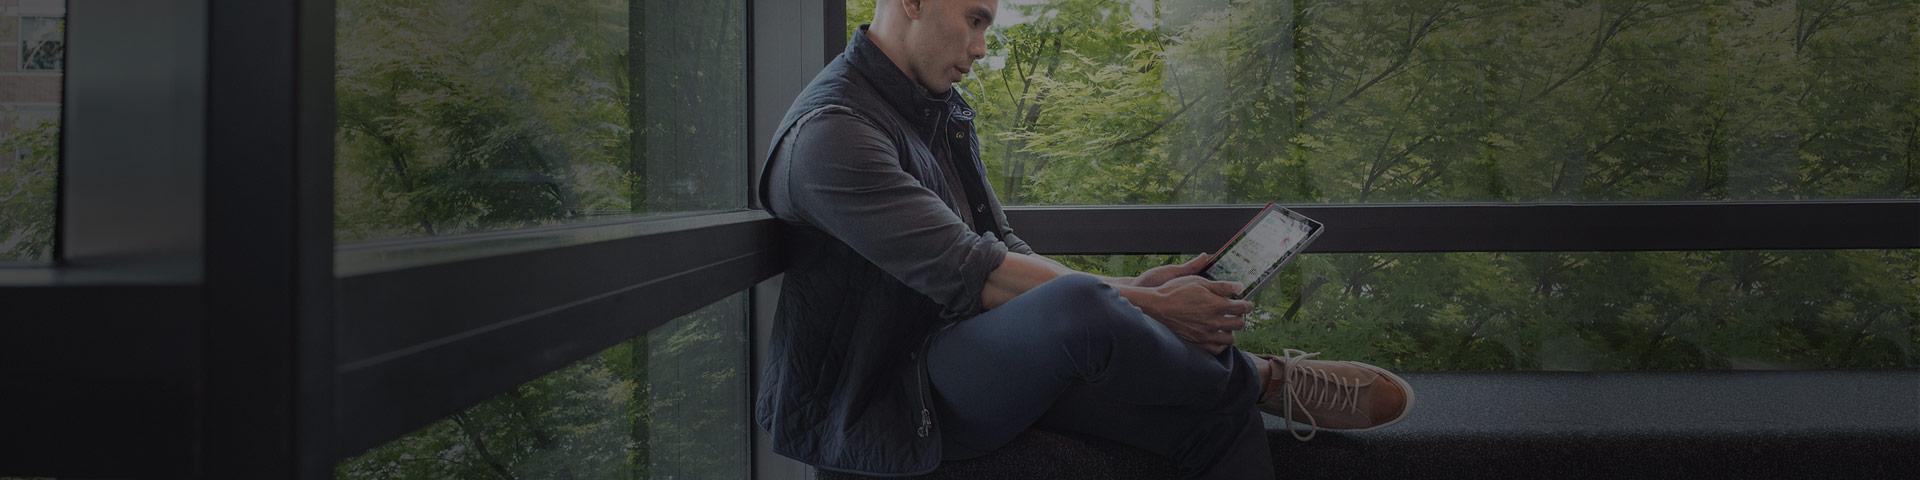 Muž sedí na lavičce a dívá se na zařízení, které drží v rukou